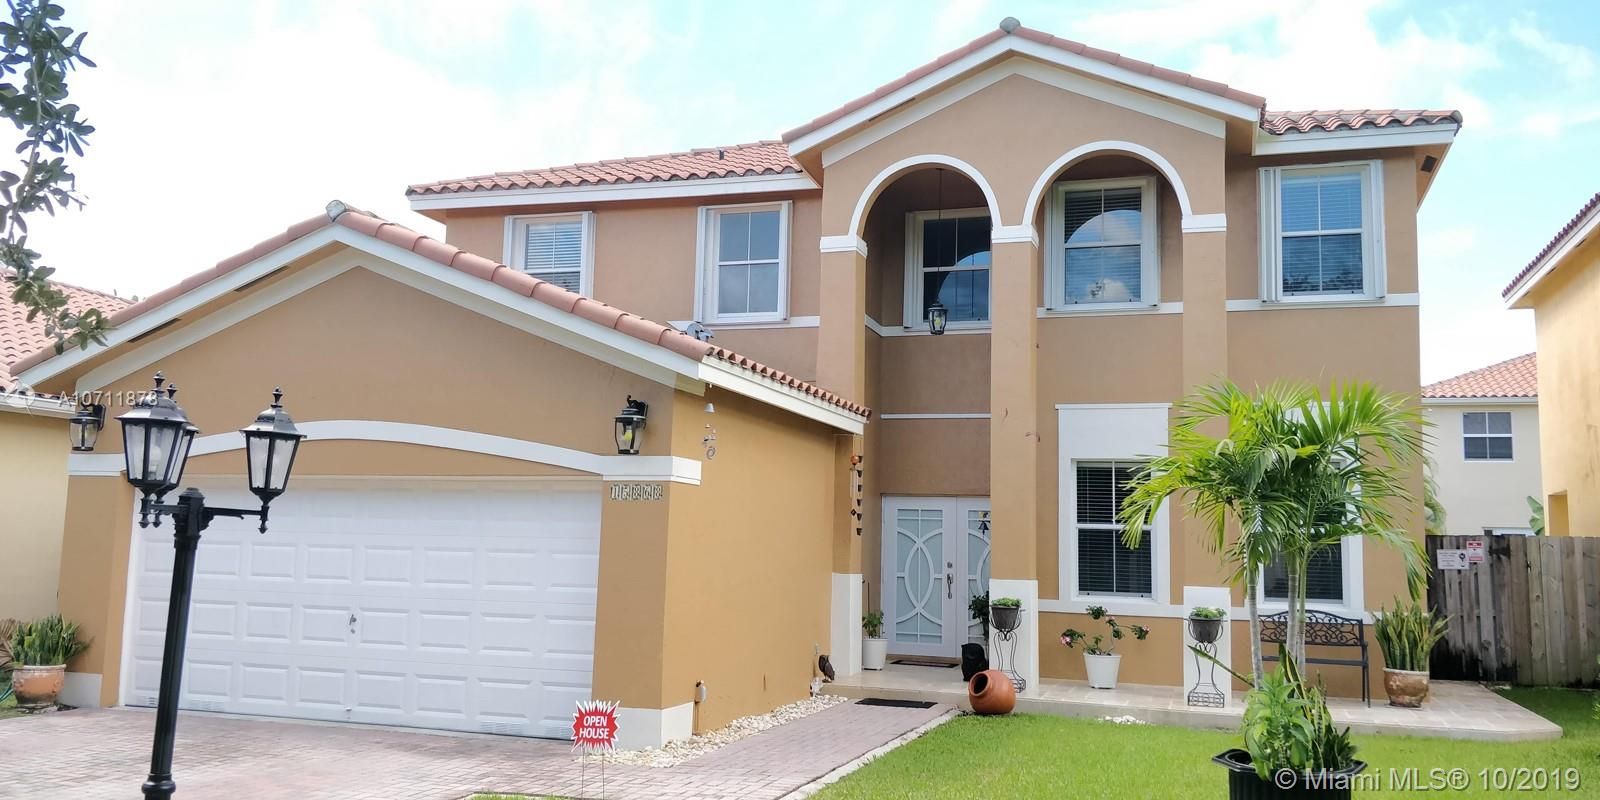 15868 SW 61st St, Miami, FL 33193